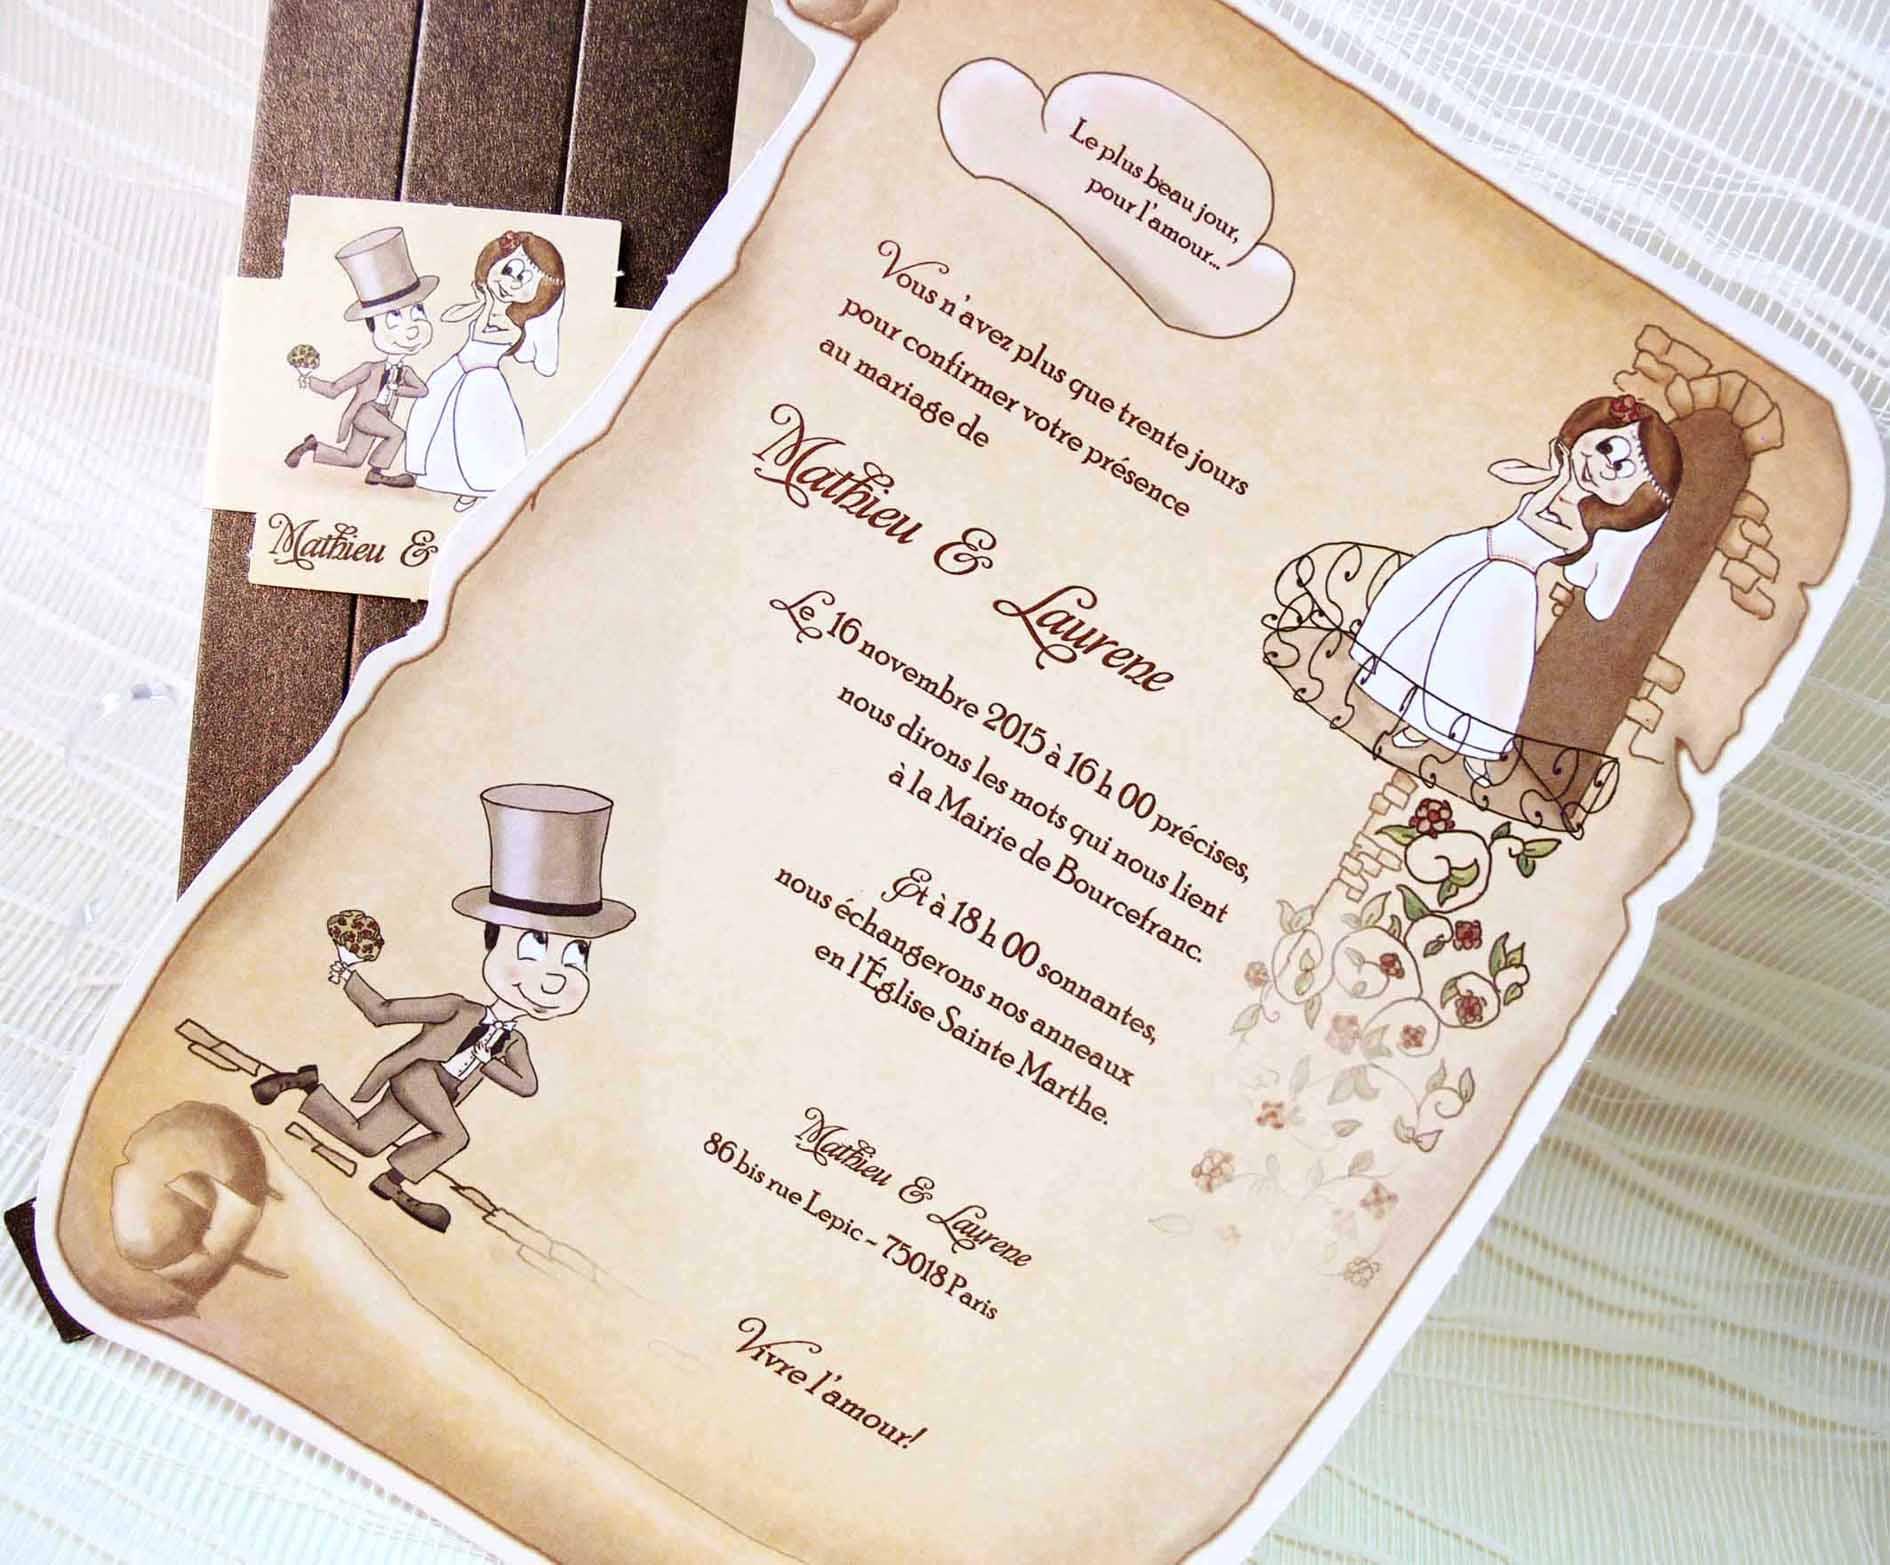 Invitaciones Para Matrimonio Rustico : Invitacion de boda pergamino romeo y julieta